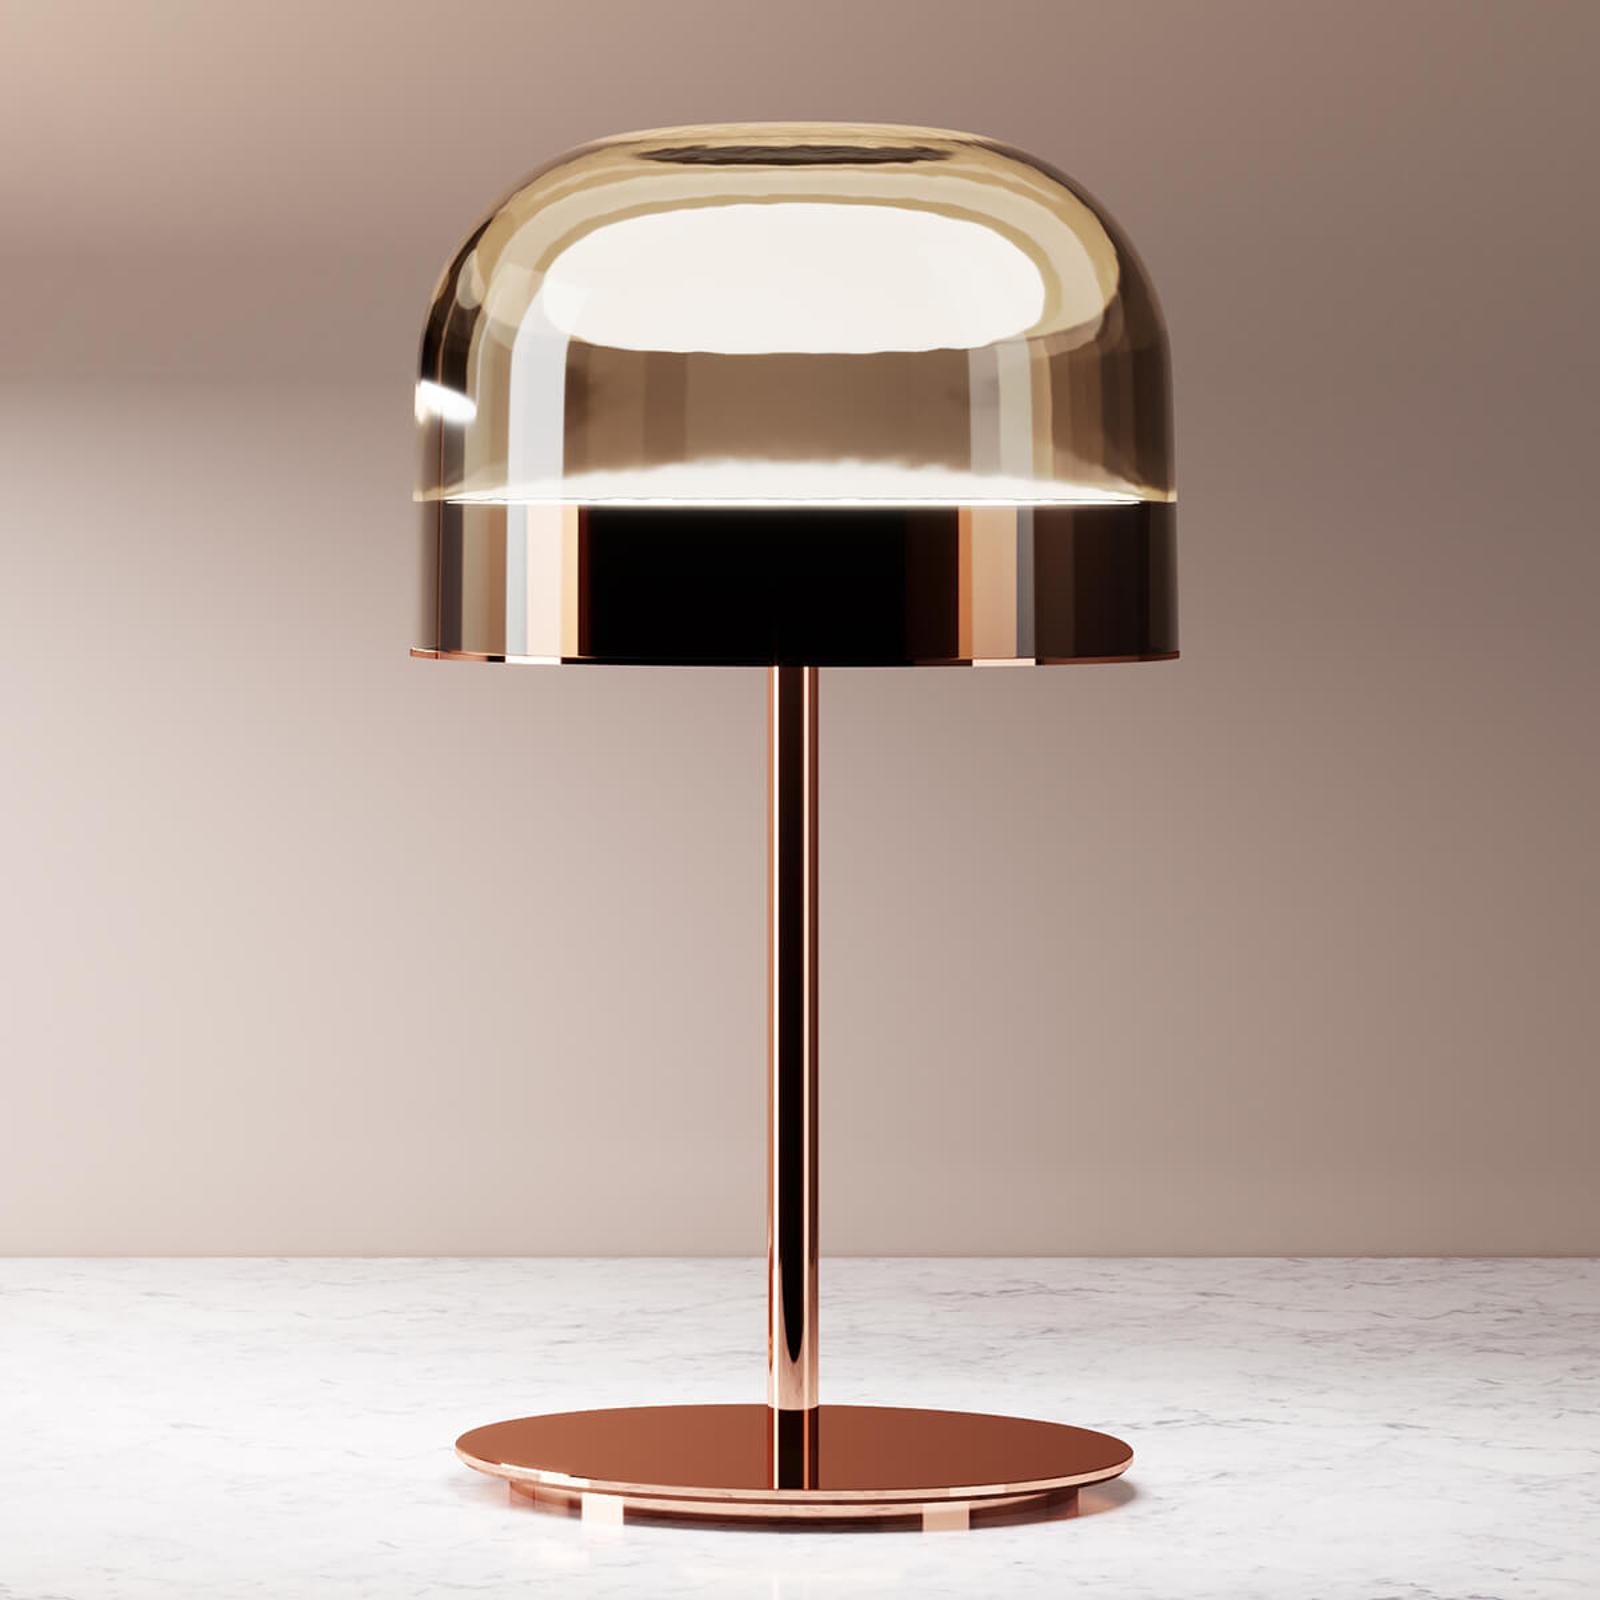 Equatore - LED tafellamp in koper, 42,5 cm